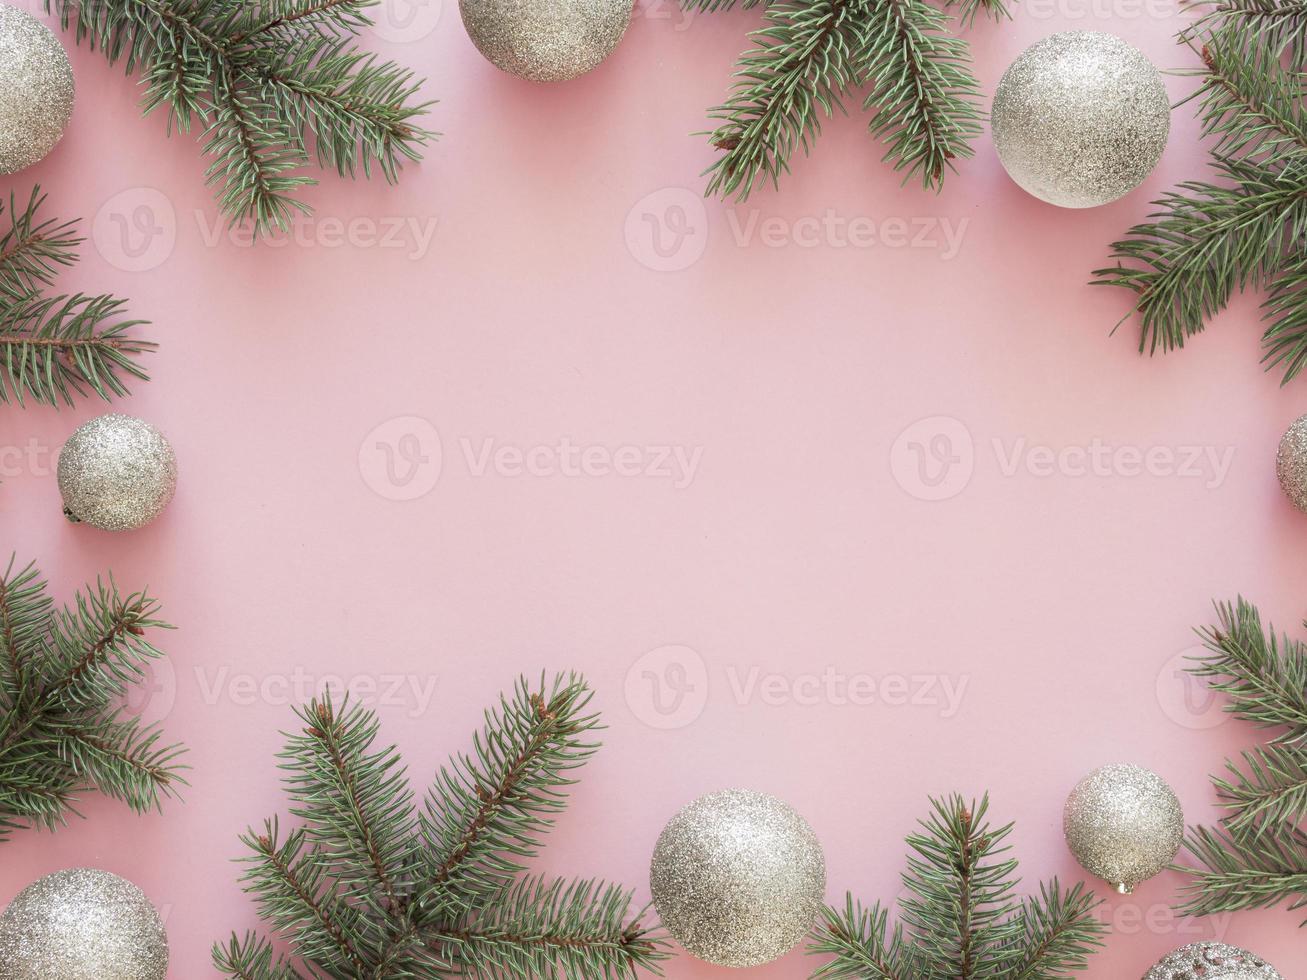 plano laico hermoso fondo de navidad foto